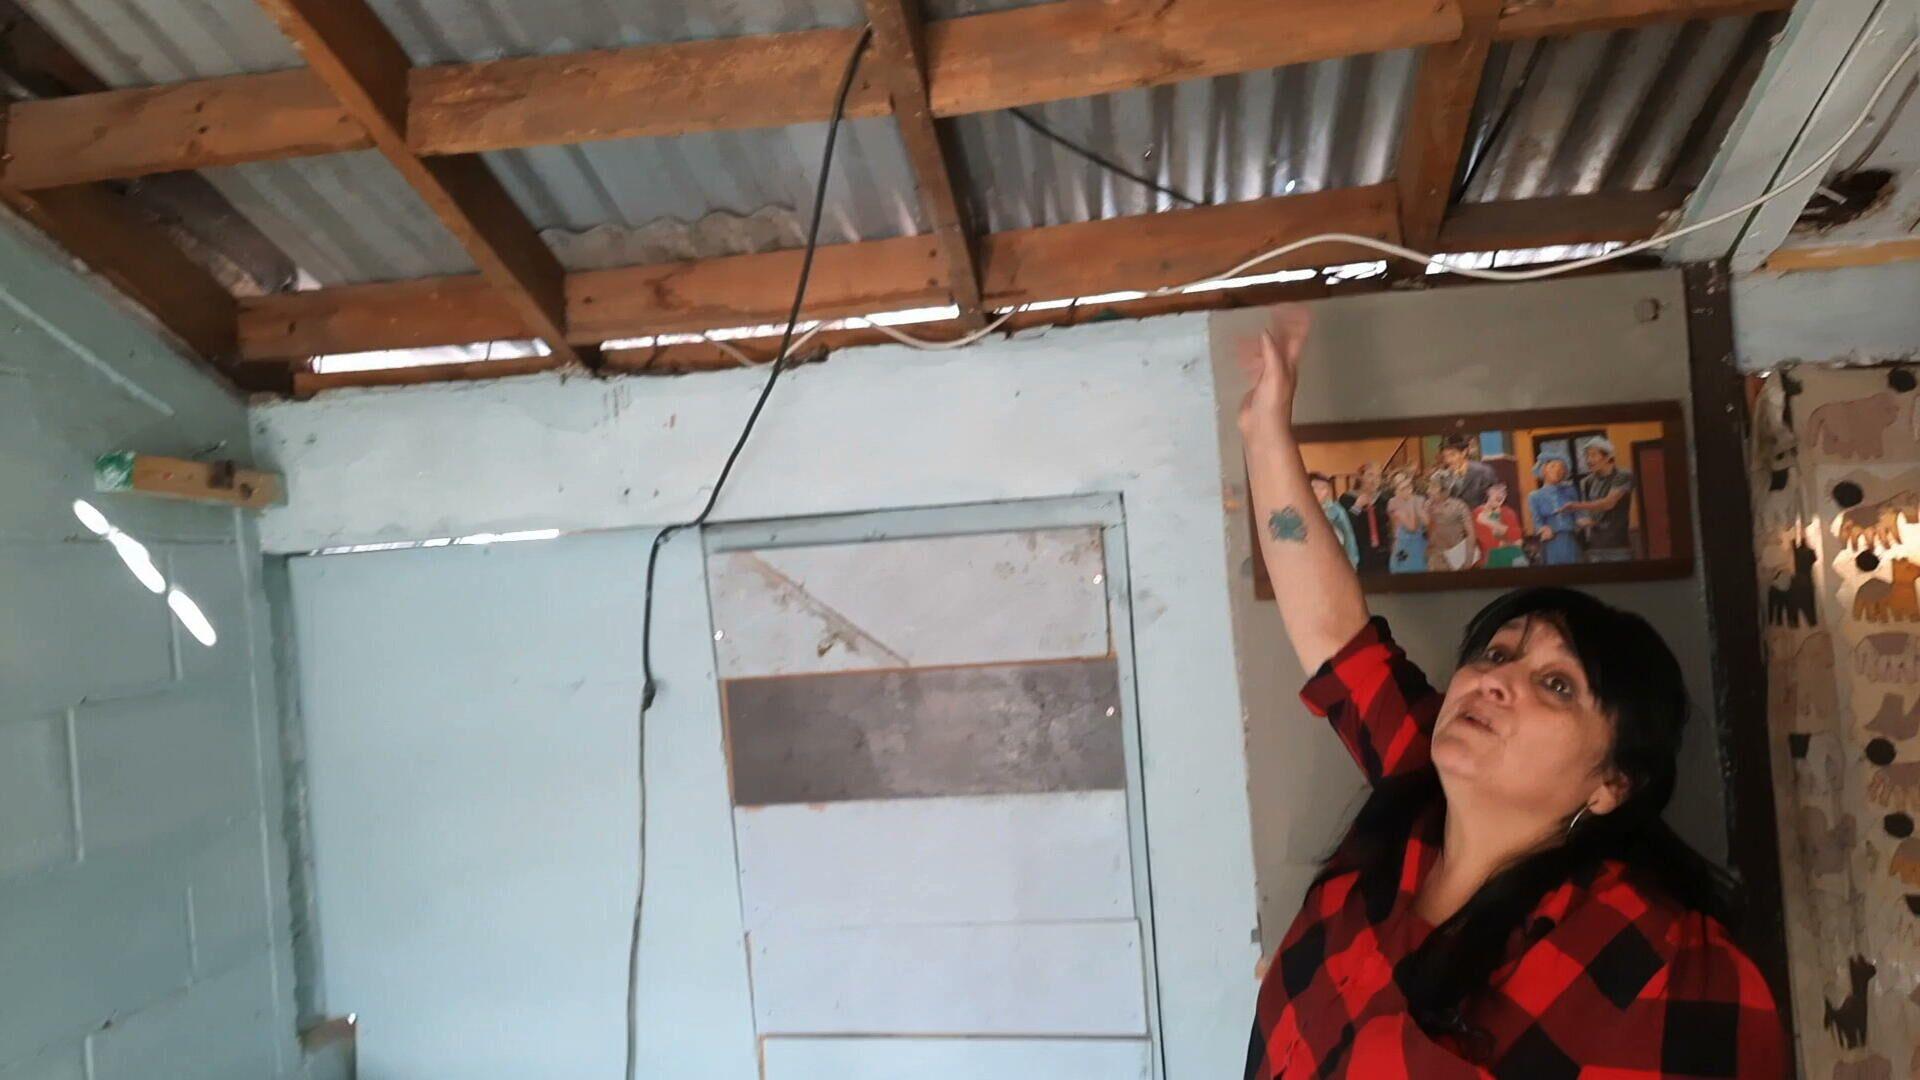 Erika muestra como la Policía destruyó el techo de su casa buscando armamento - Sputnik Mundo, 1920, 01.06.2021